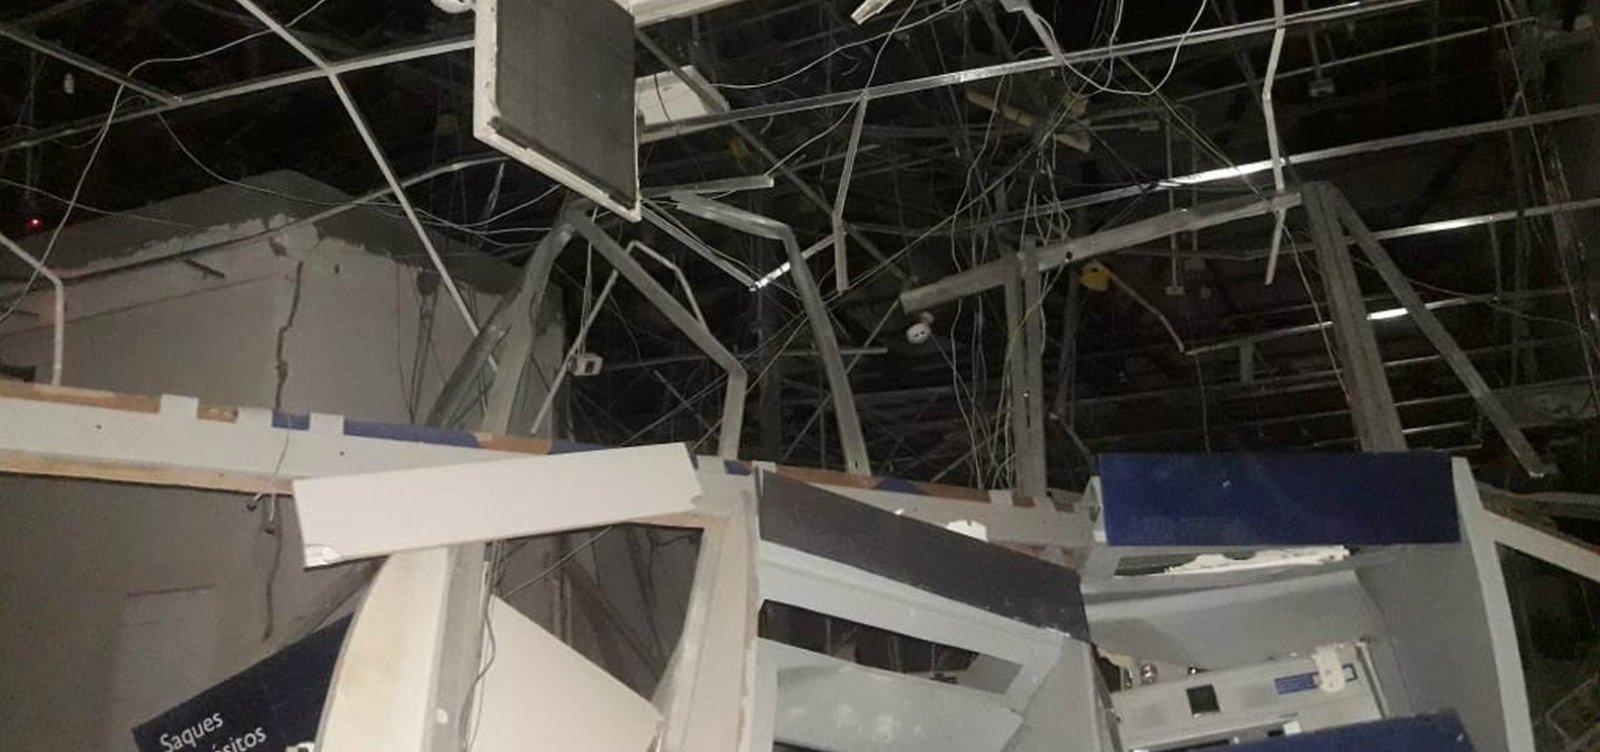 Bandidos explodem banco e fecham rodovia em Belmonte